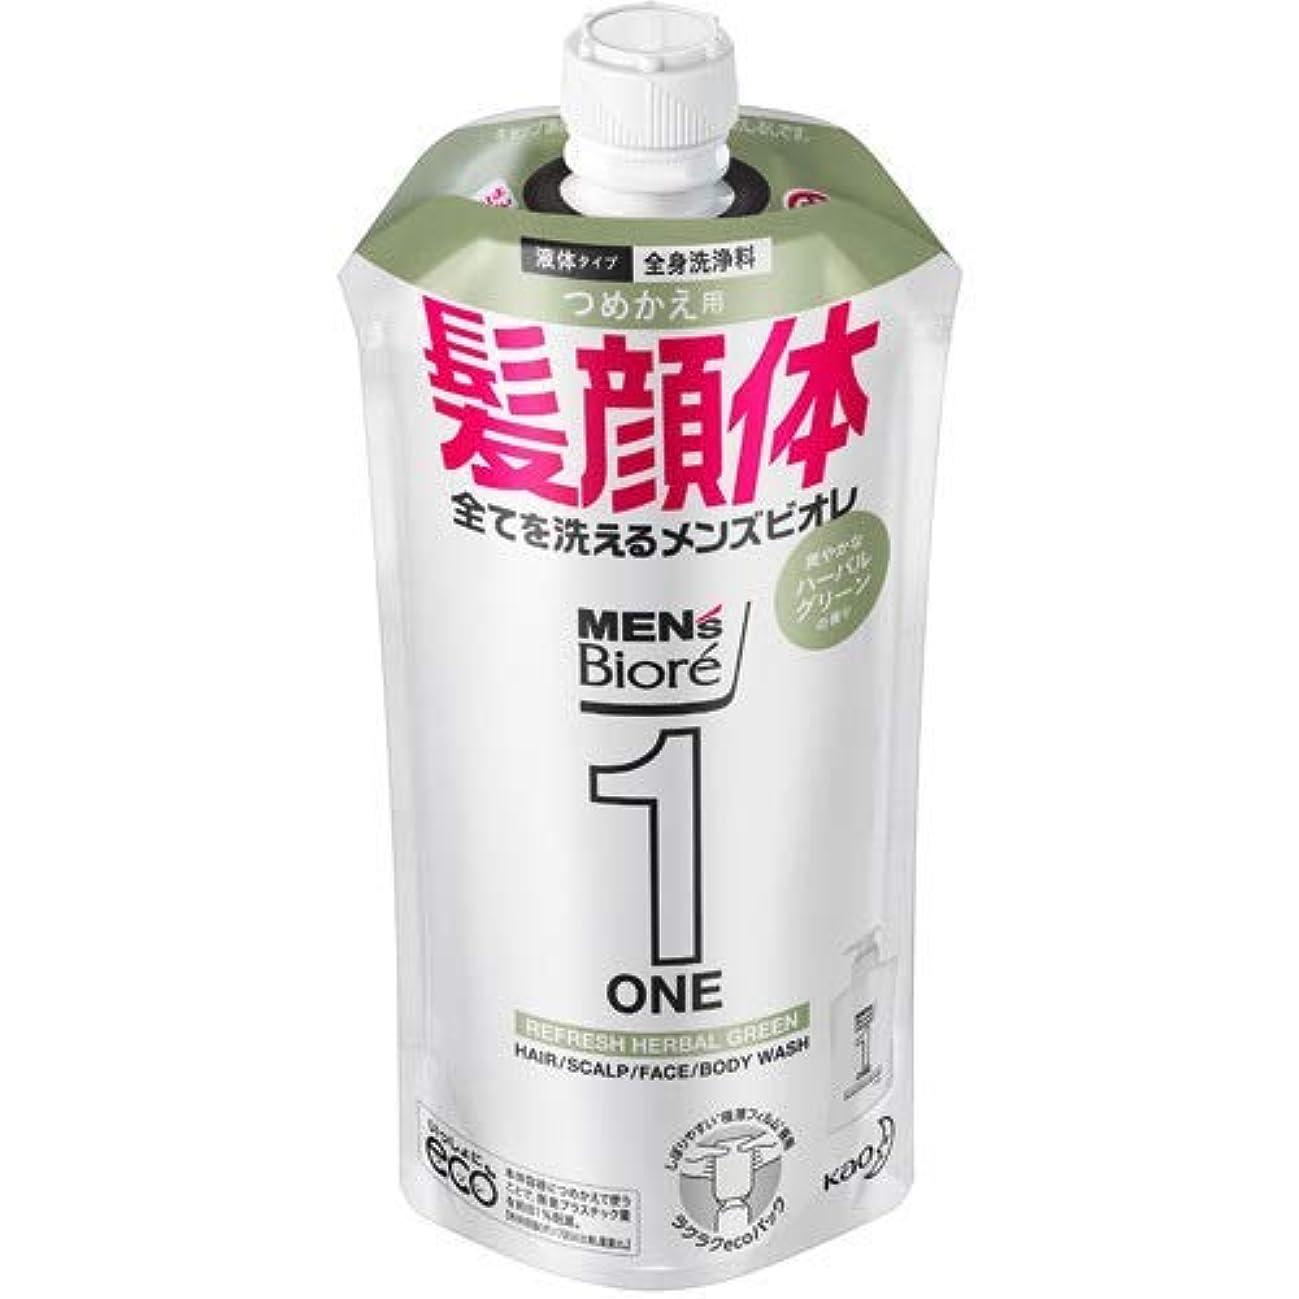 ほめる矛盾チューブ【10個セット】メンズビオレONE オールインワン全身洗浄料 爽やかなハーブルグリーンの香り つめかえ用 340mL